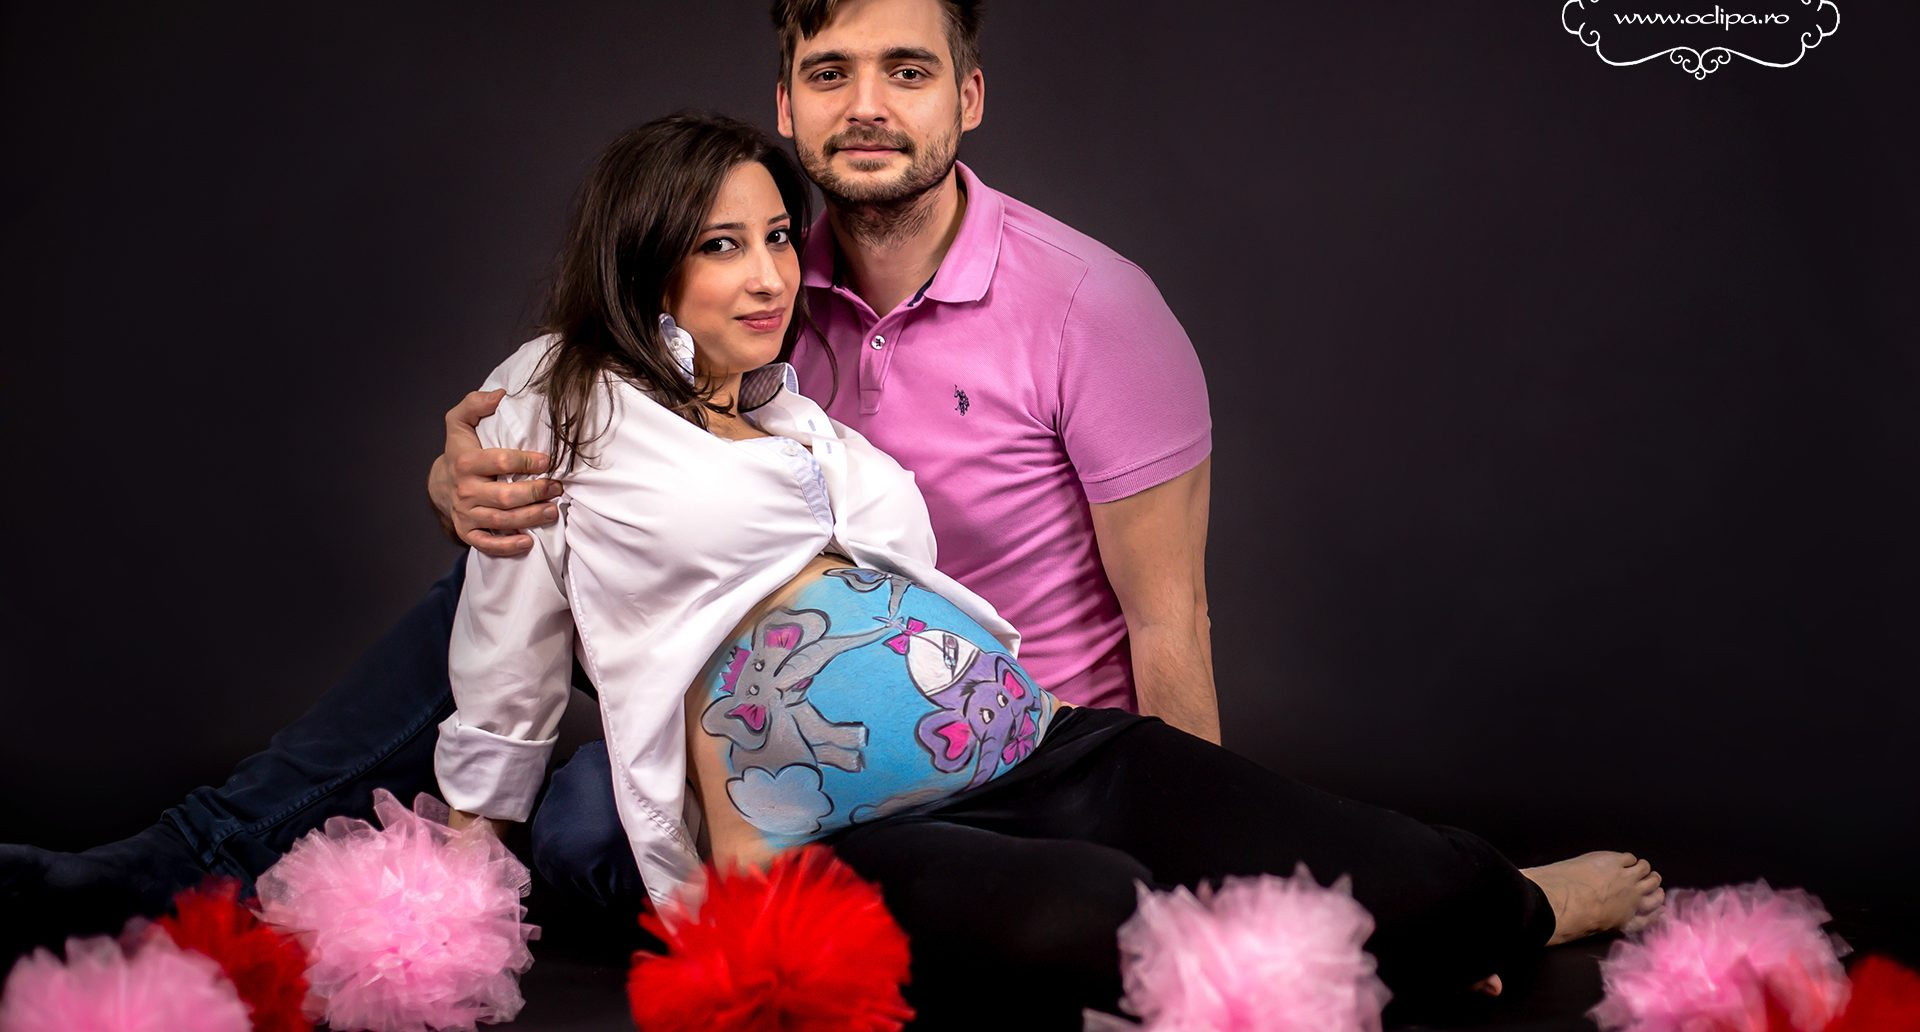 sedinta foto maternitate (5)